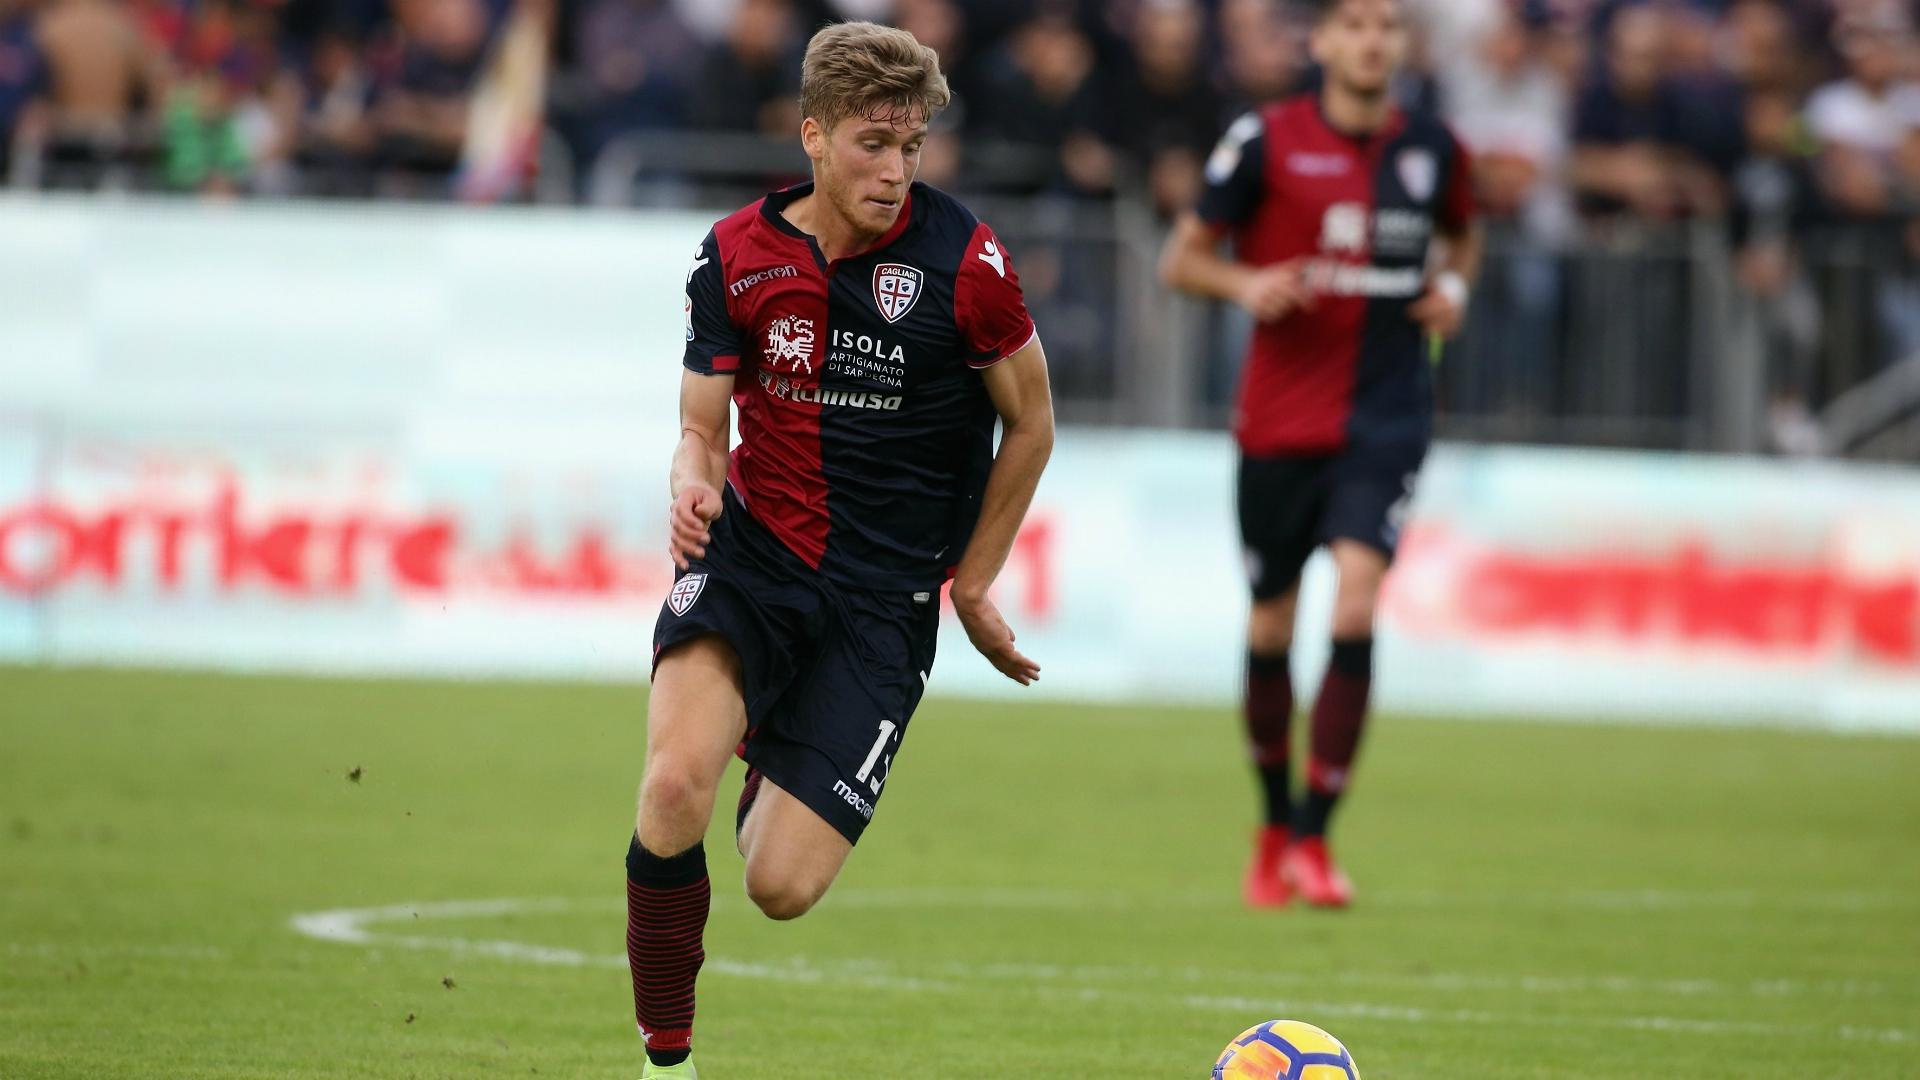 Cagliari, ritirato il 13 di Davide Astori: Romagna cambia numero di maglia